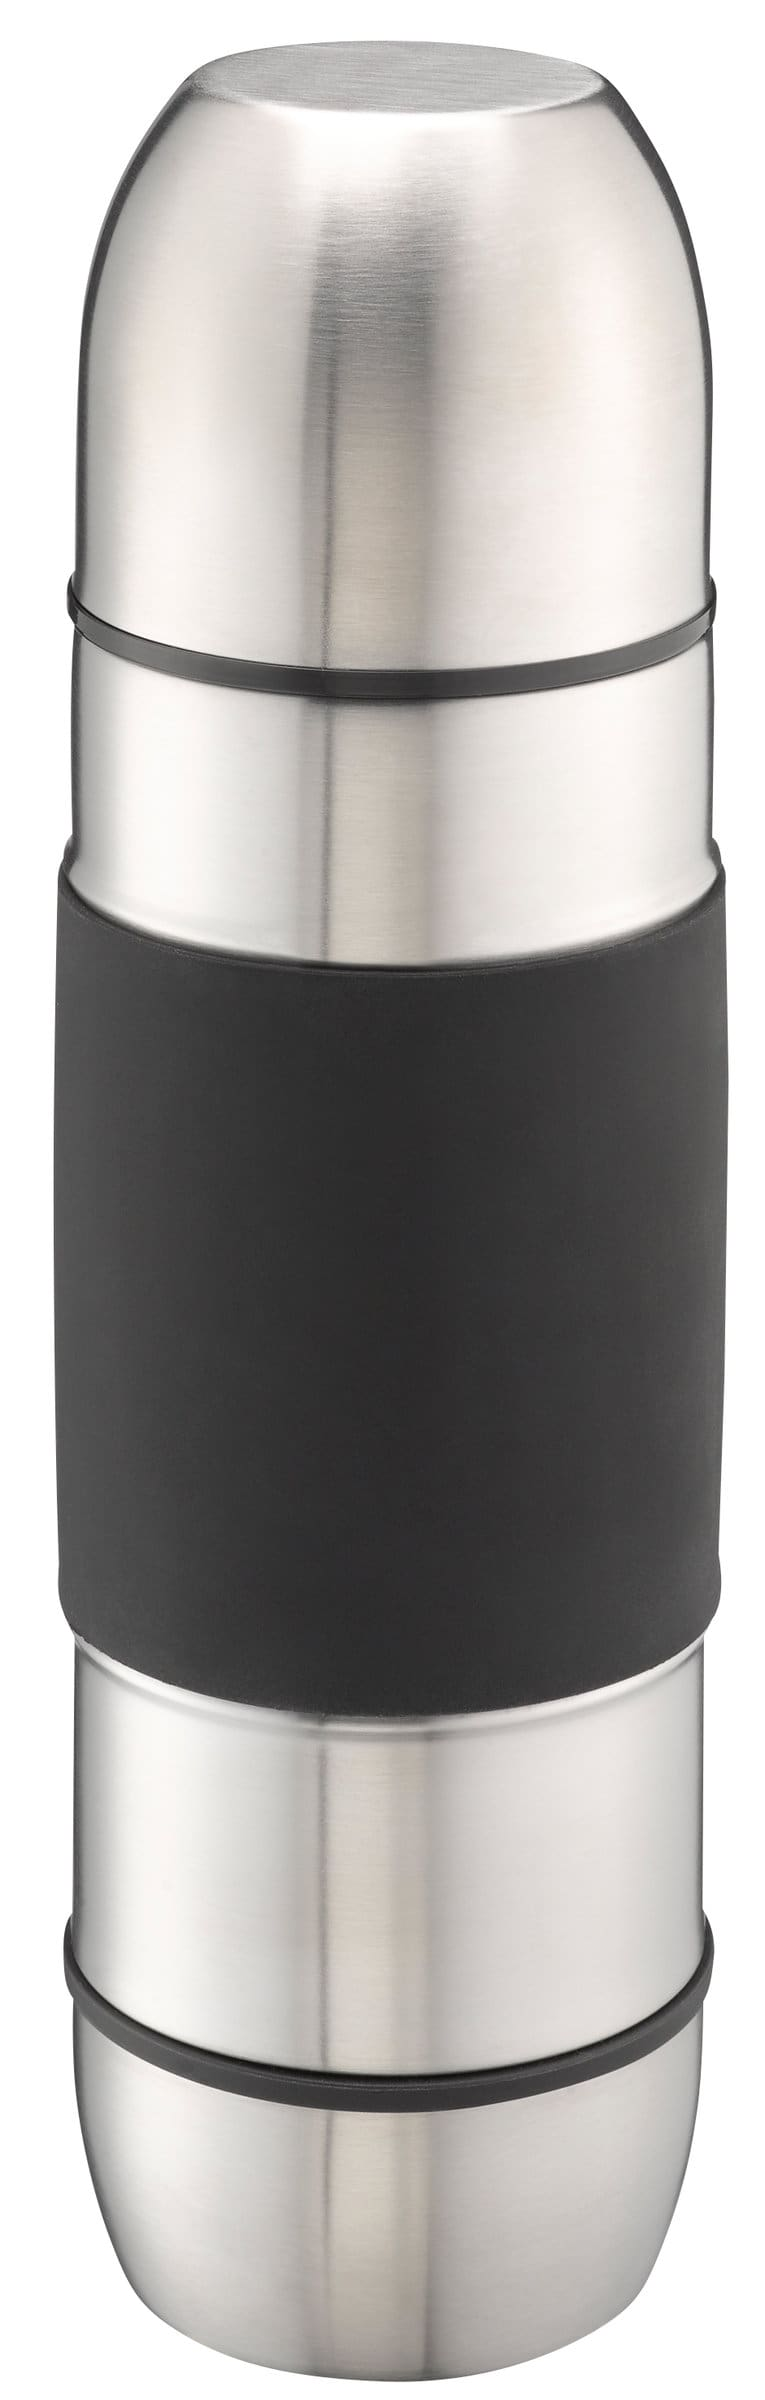 Cucina & Tavola Isolierflasche 0.7L